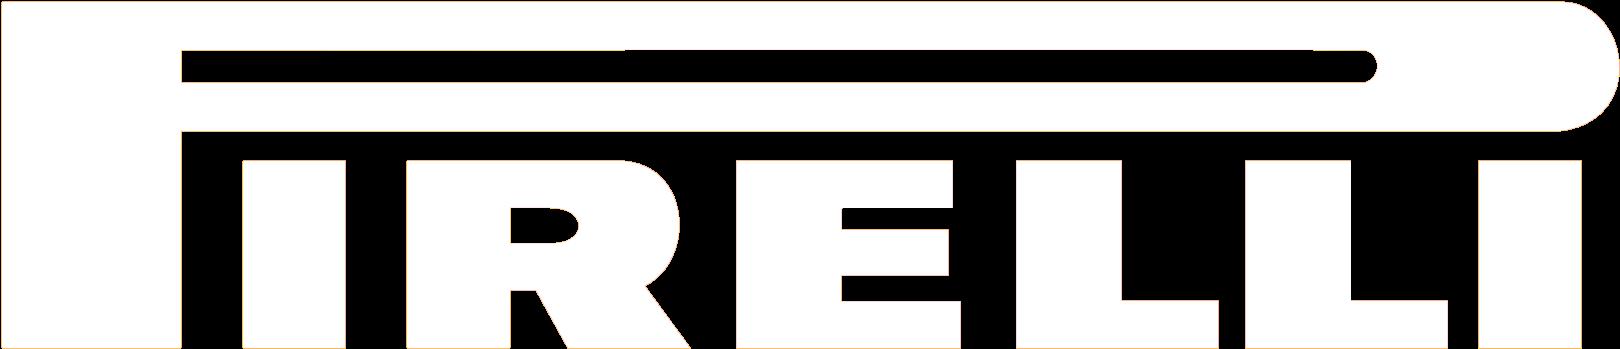 HD Pirelli Tires Logo.